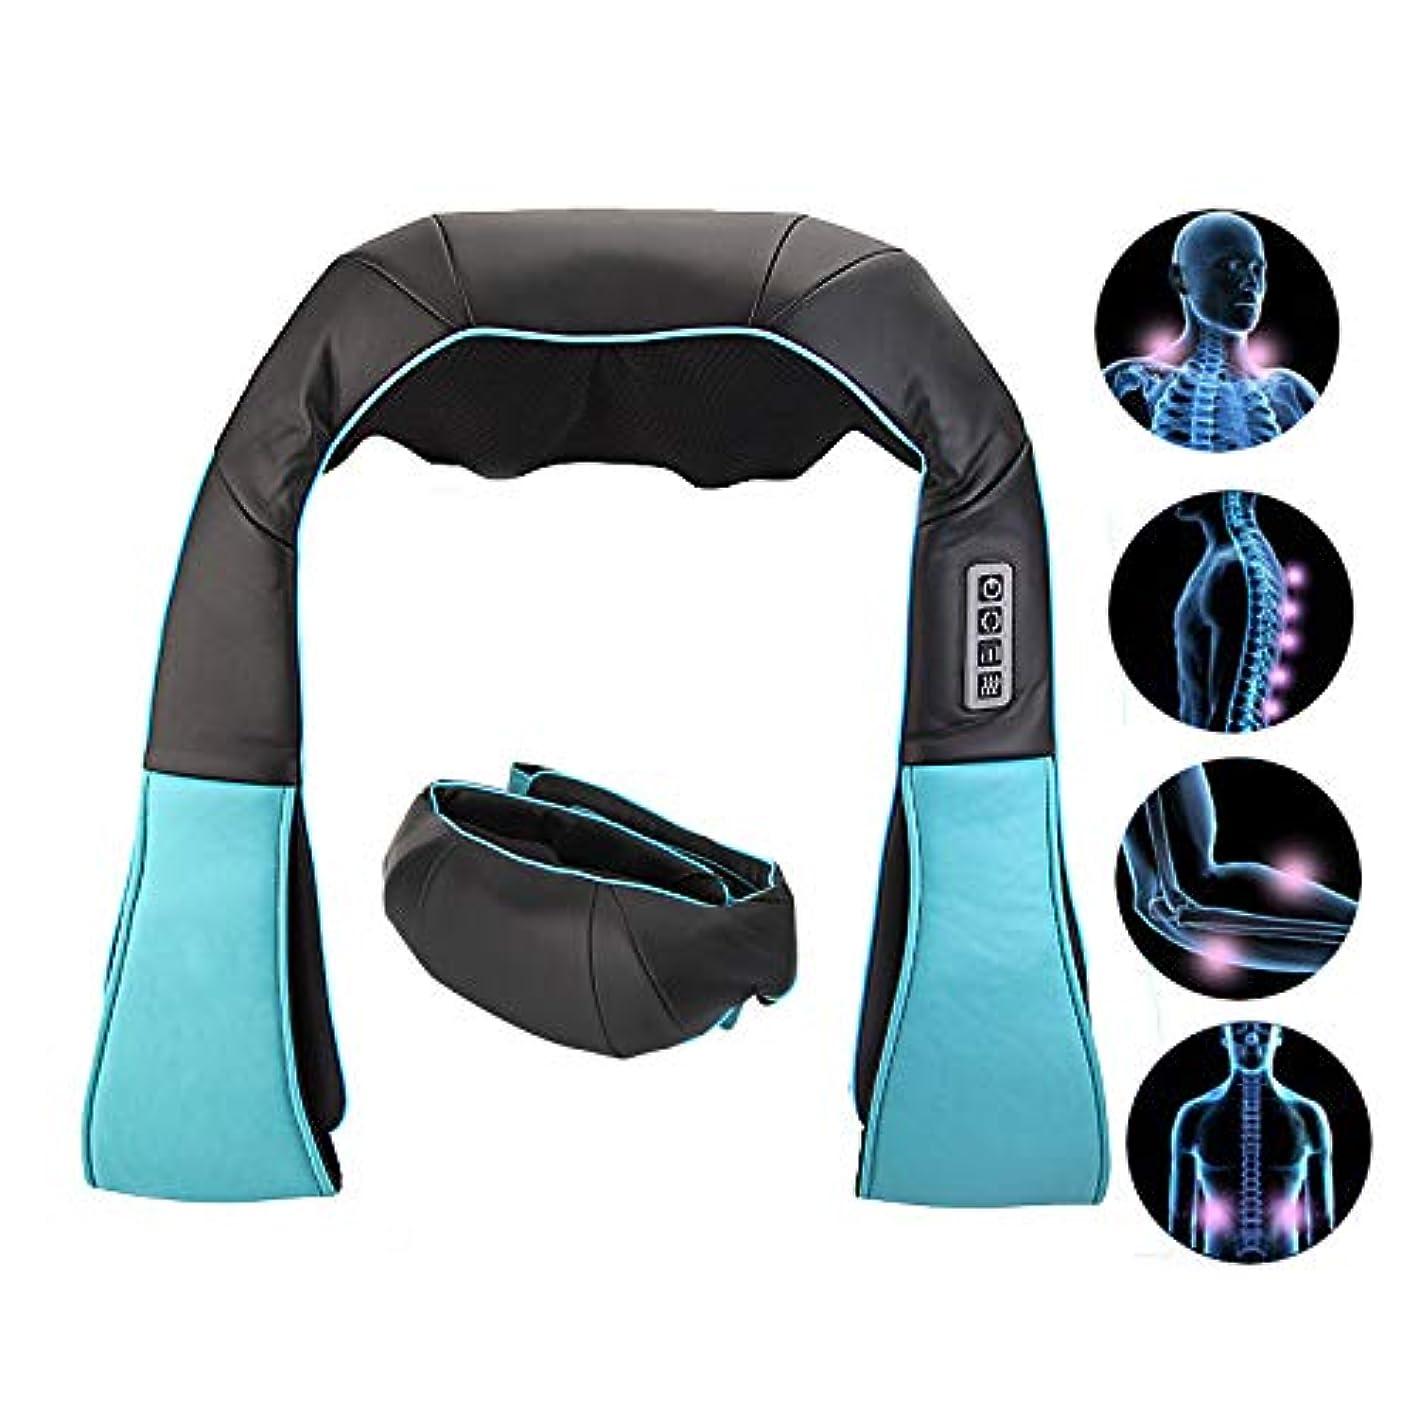 社説ばかクスクス肩、脚、体の筋肉の痛みを和らげる、なだめるような熱を備えた電気指圧バックネックと肩のマッサージャー